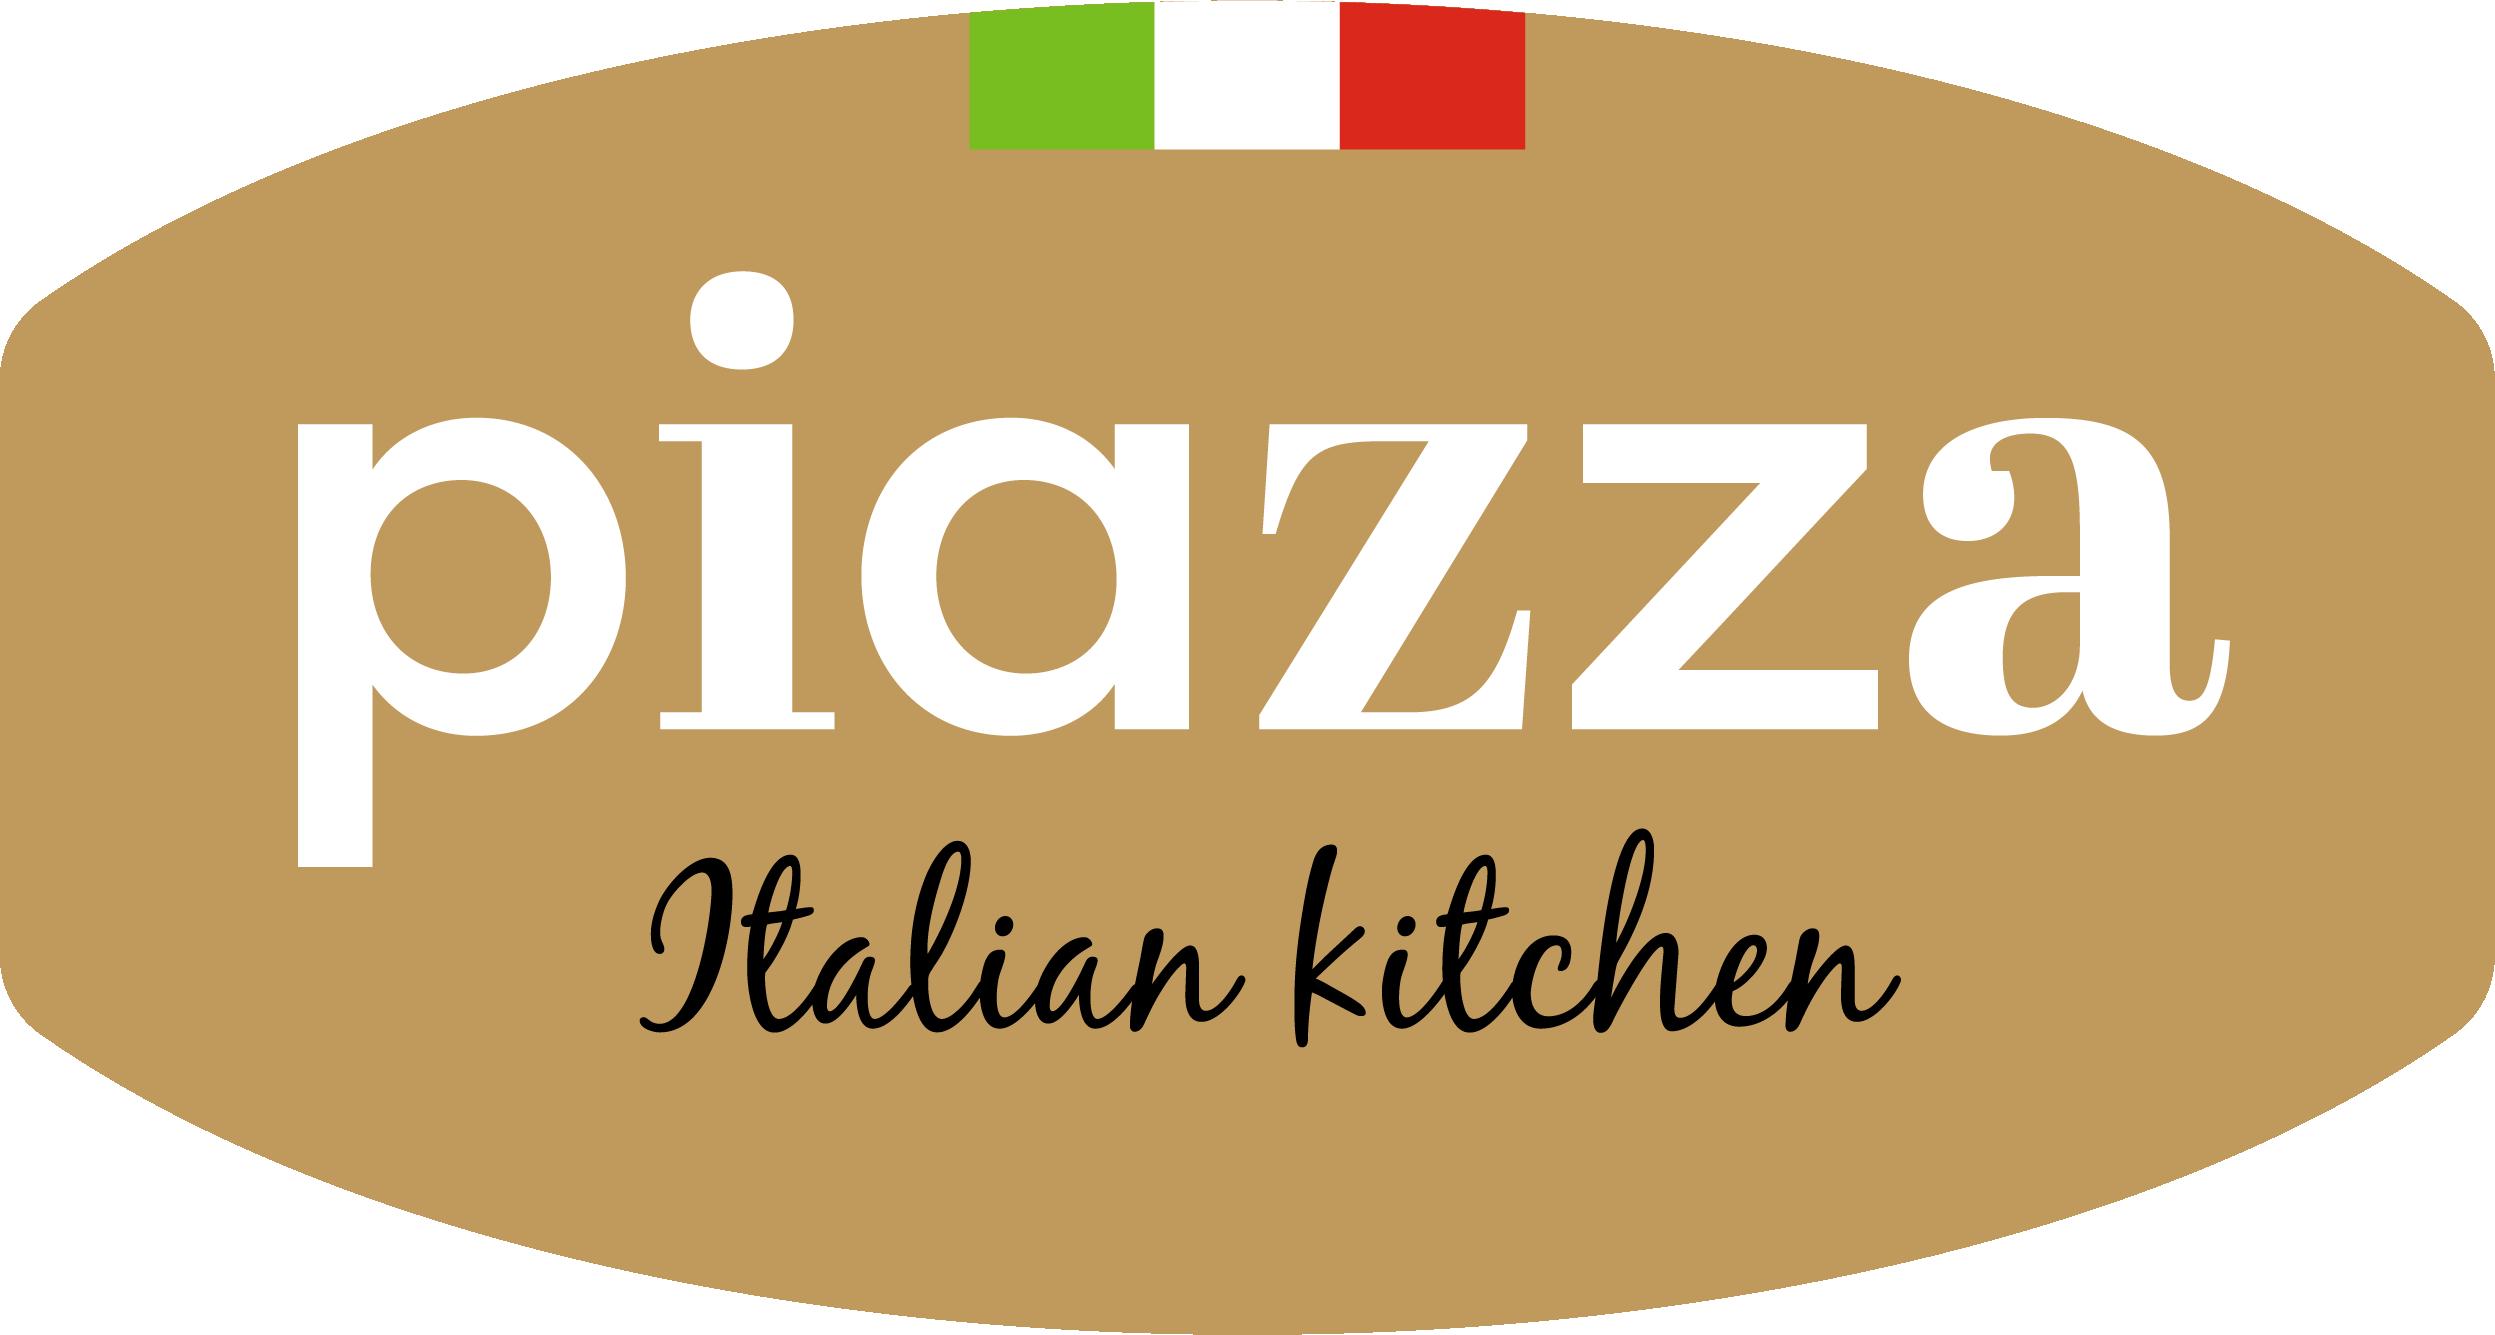 Piazza Italian Kitchen jobs